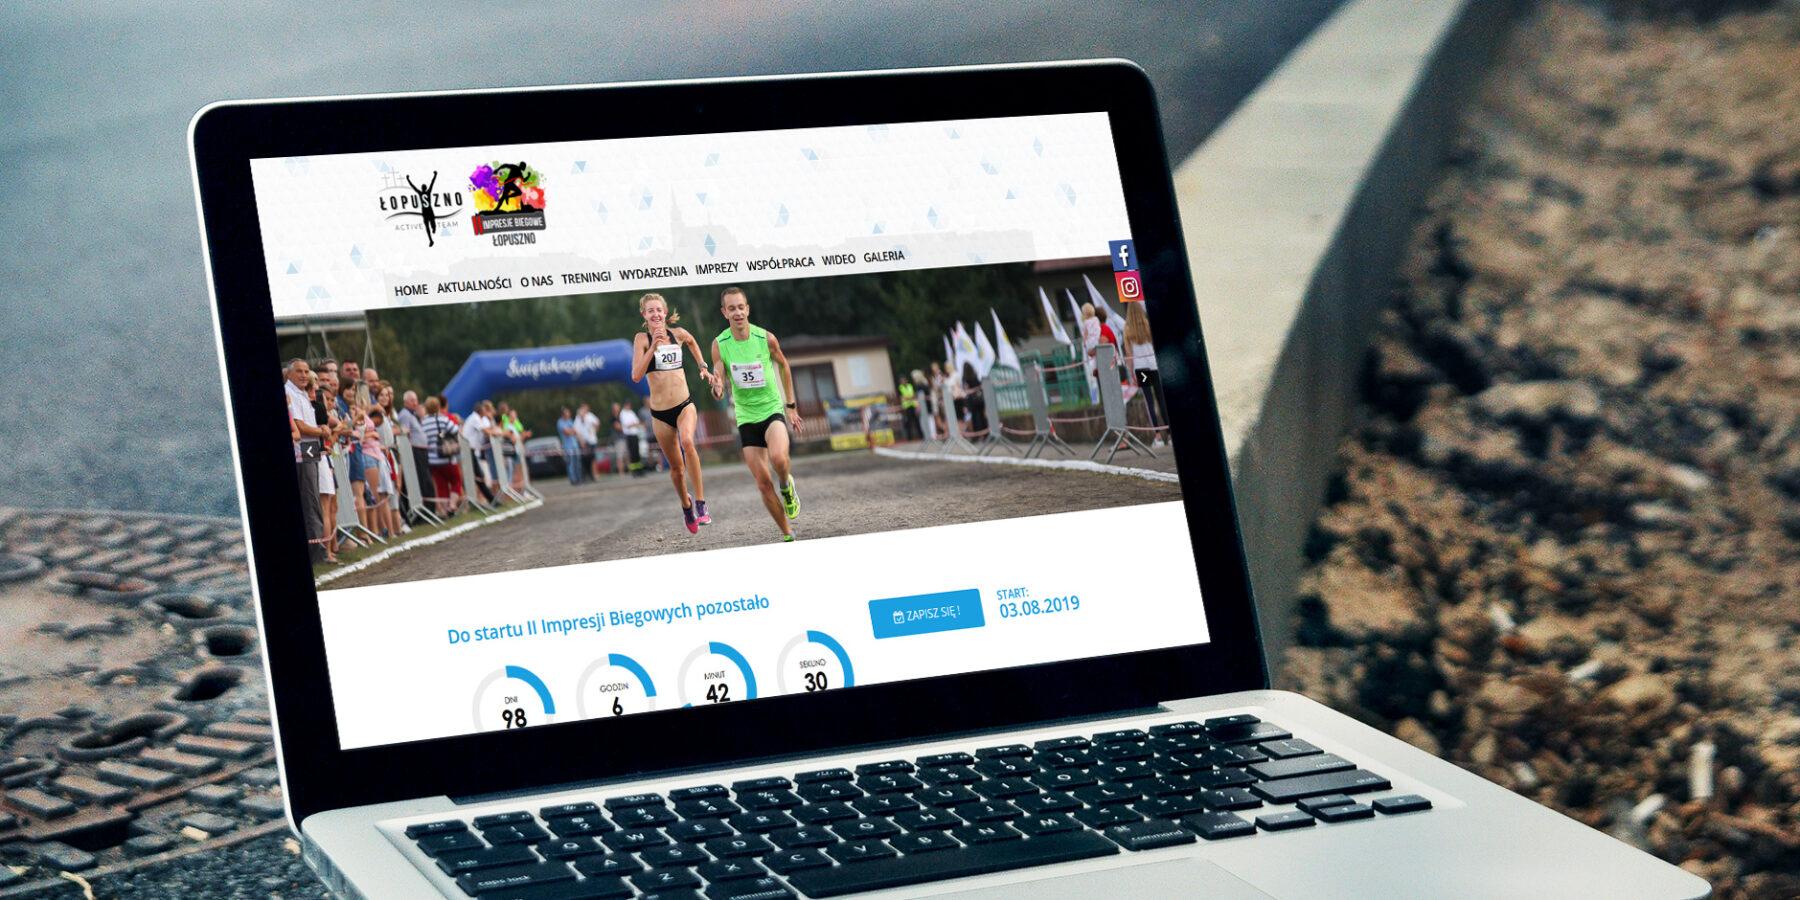 Projektowanie stron internetowych - strona www lopusznoactiveteam.pl - zdjęcie 1